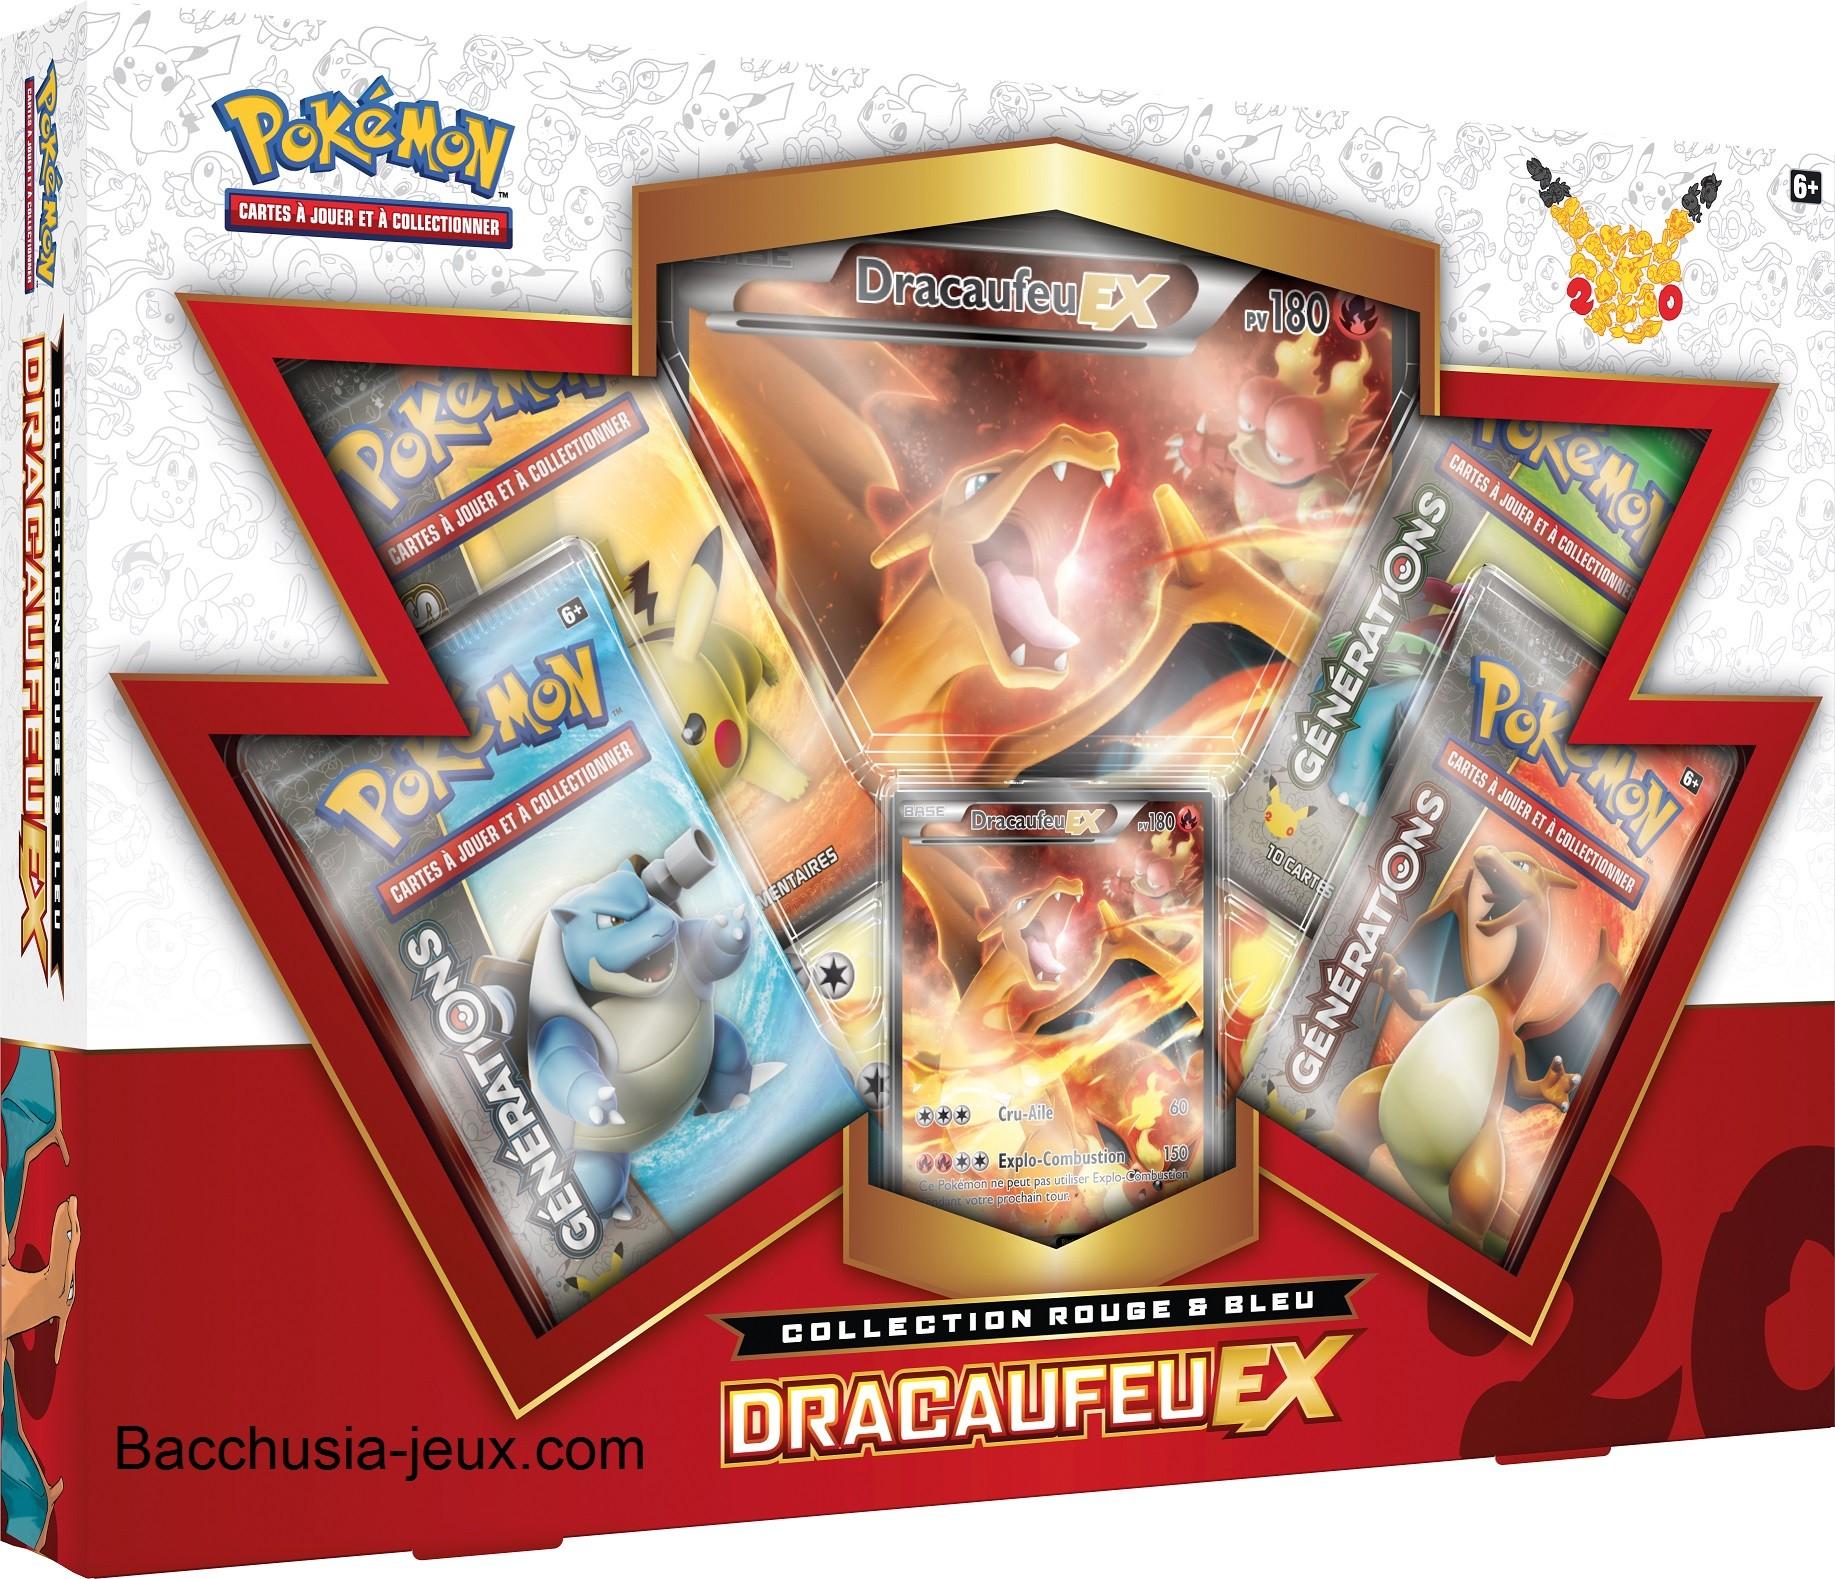 Pokémon Coffret été Dracaufeu Ex Collection Rouge Et Bleu Générations 20 Ans Bacchusia Jeux